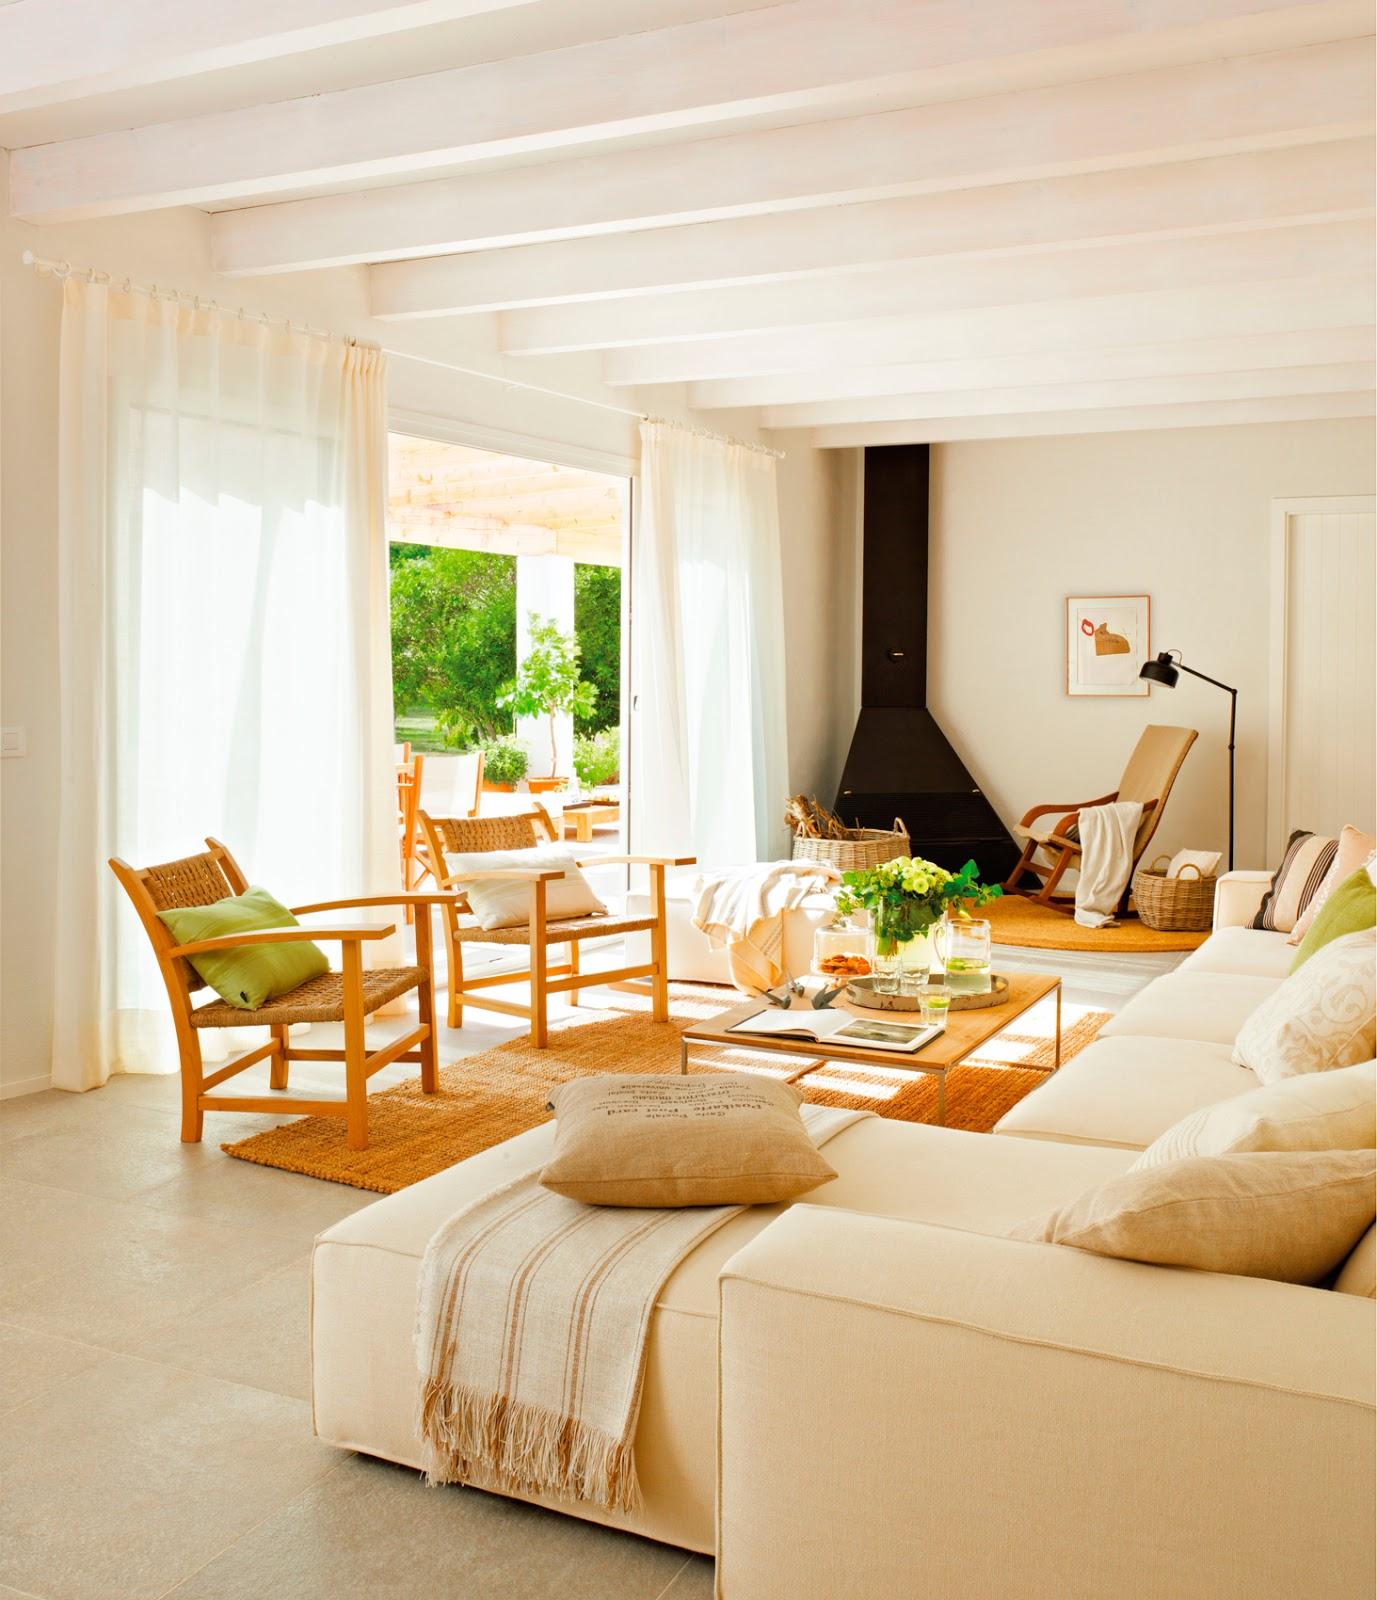 Las cositas de beach eau sofas en blanco con fundas o for Cuarto piso pelicula